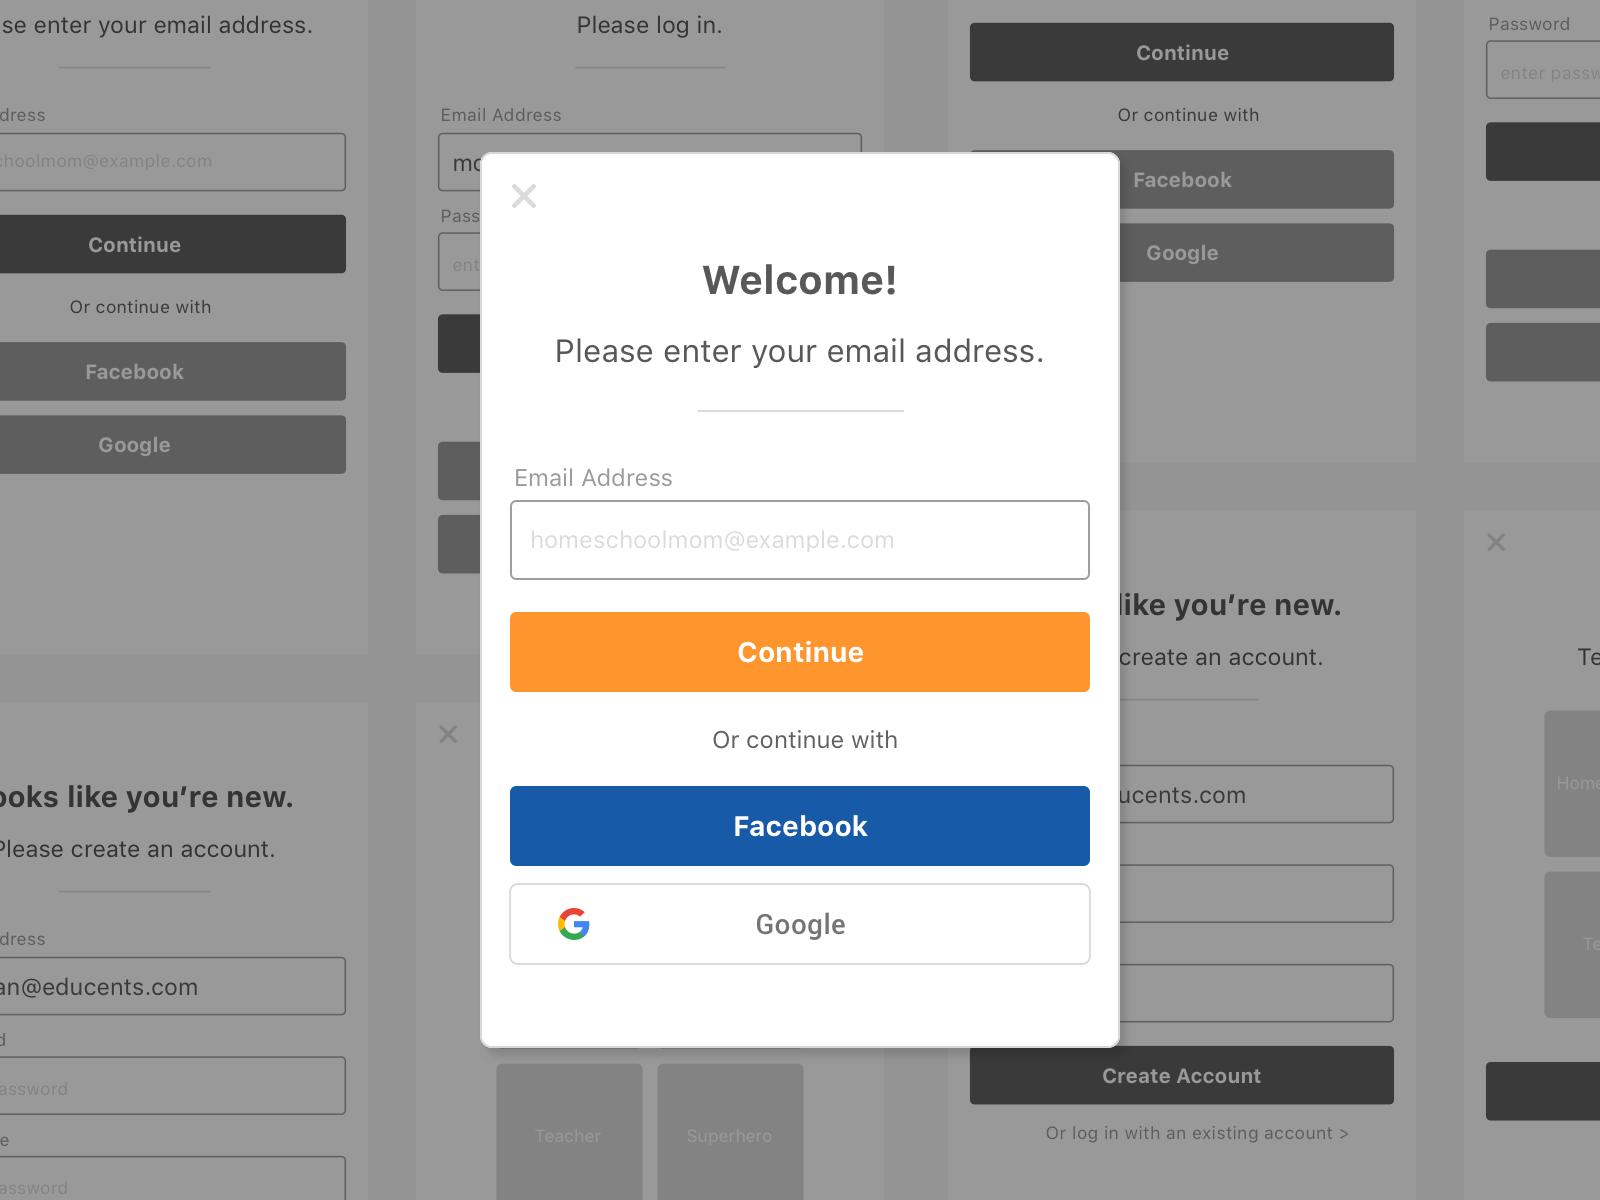 RegistrationUXHeader